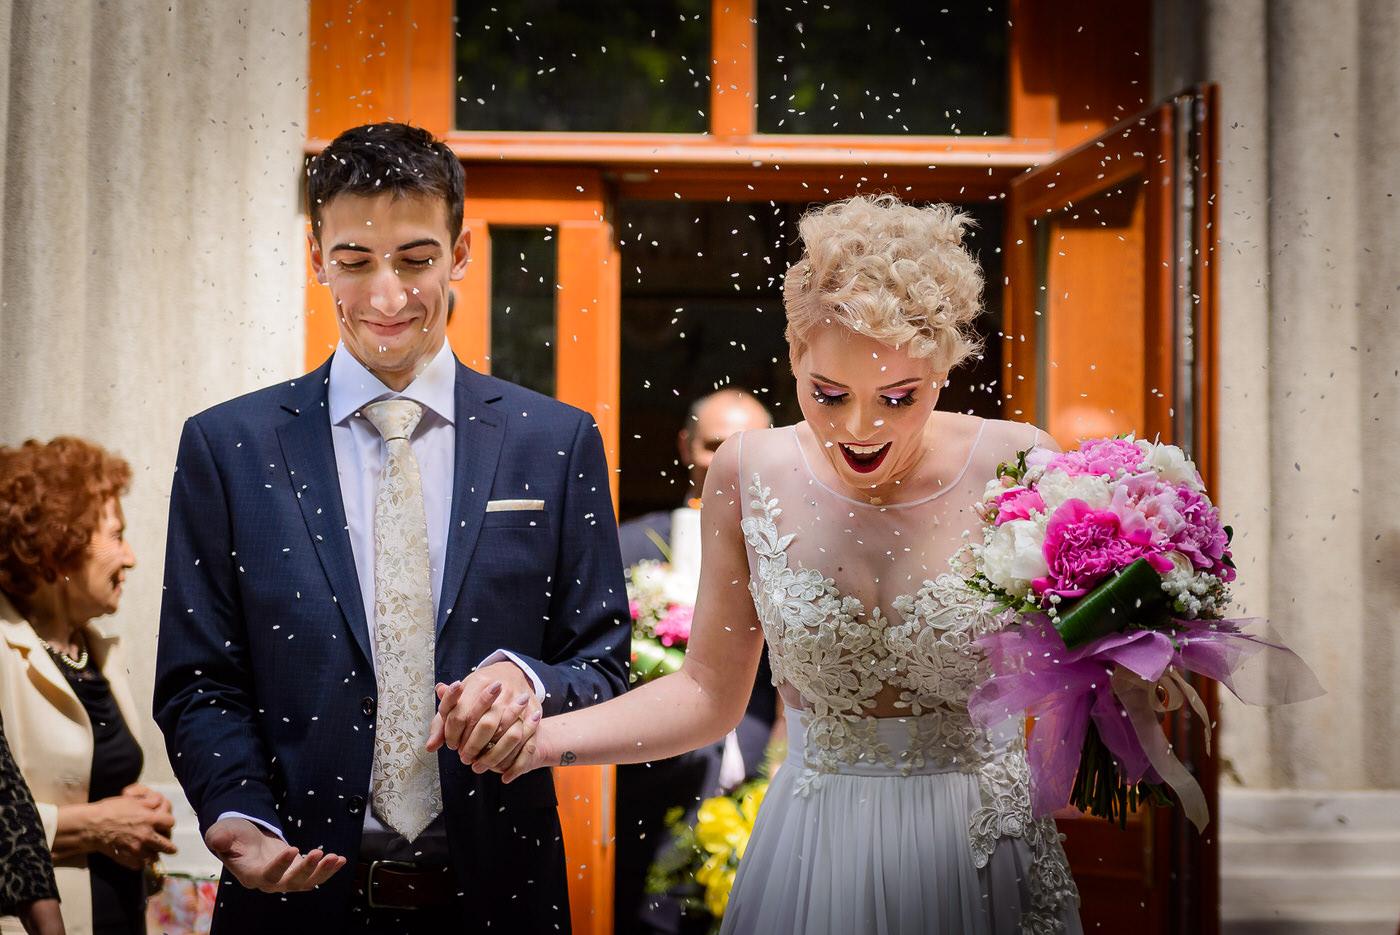 Pret Fotograf profesionist nunta